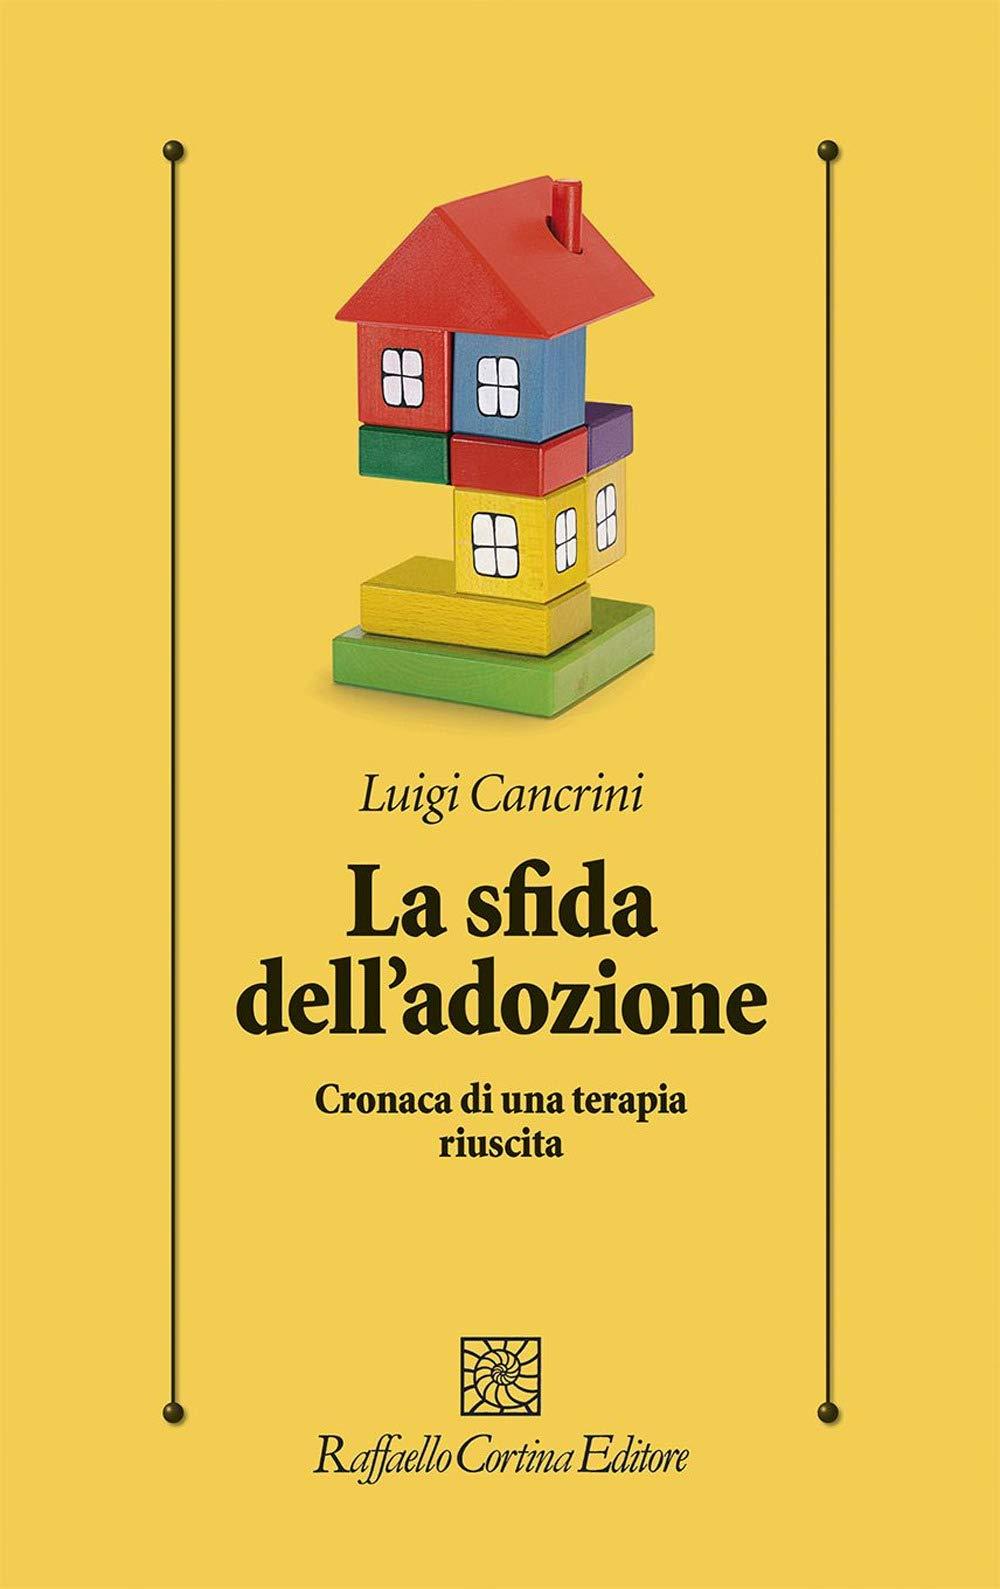 La sfida dell'adozione. Cronaca di una terapia riuscita (2020) di L. Cancrini – Recensione del libro